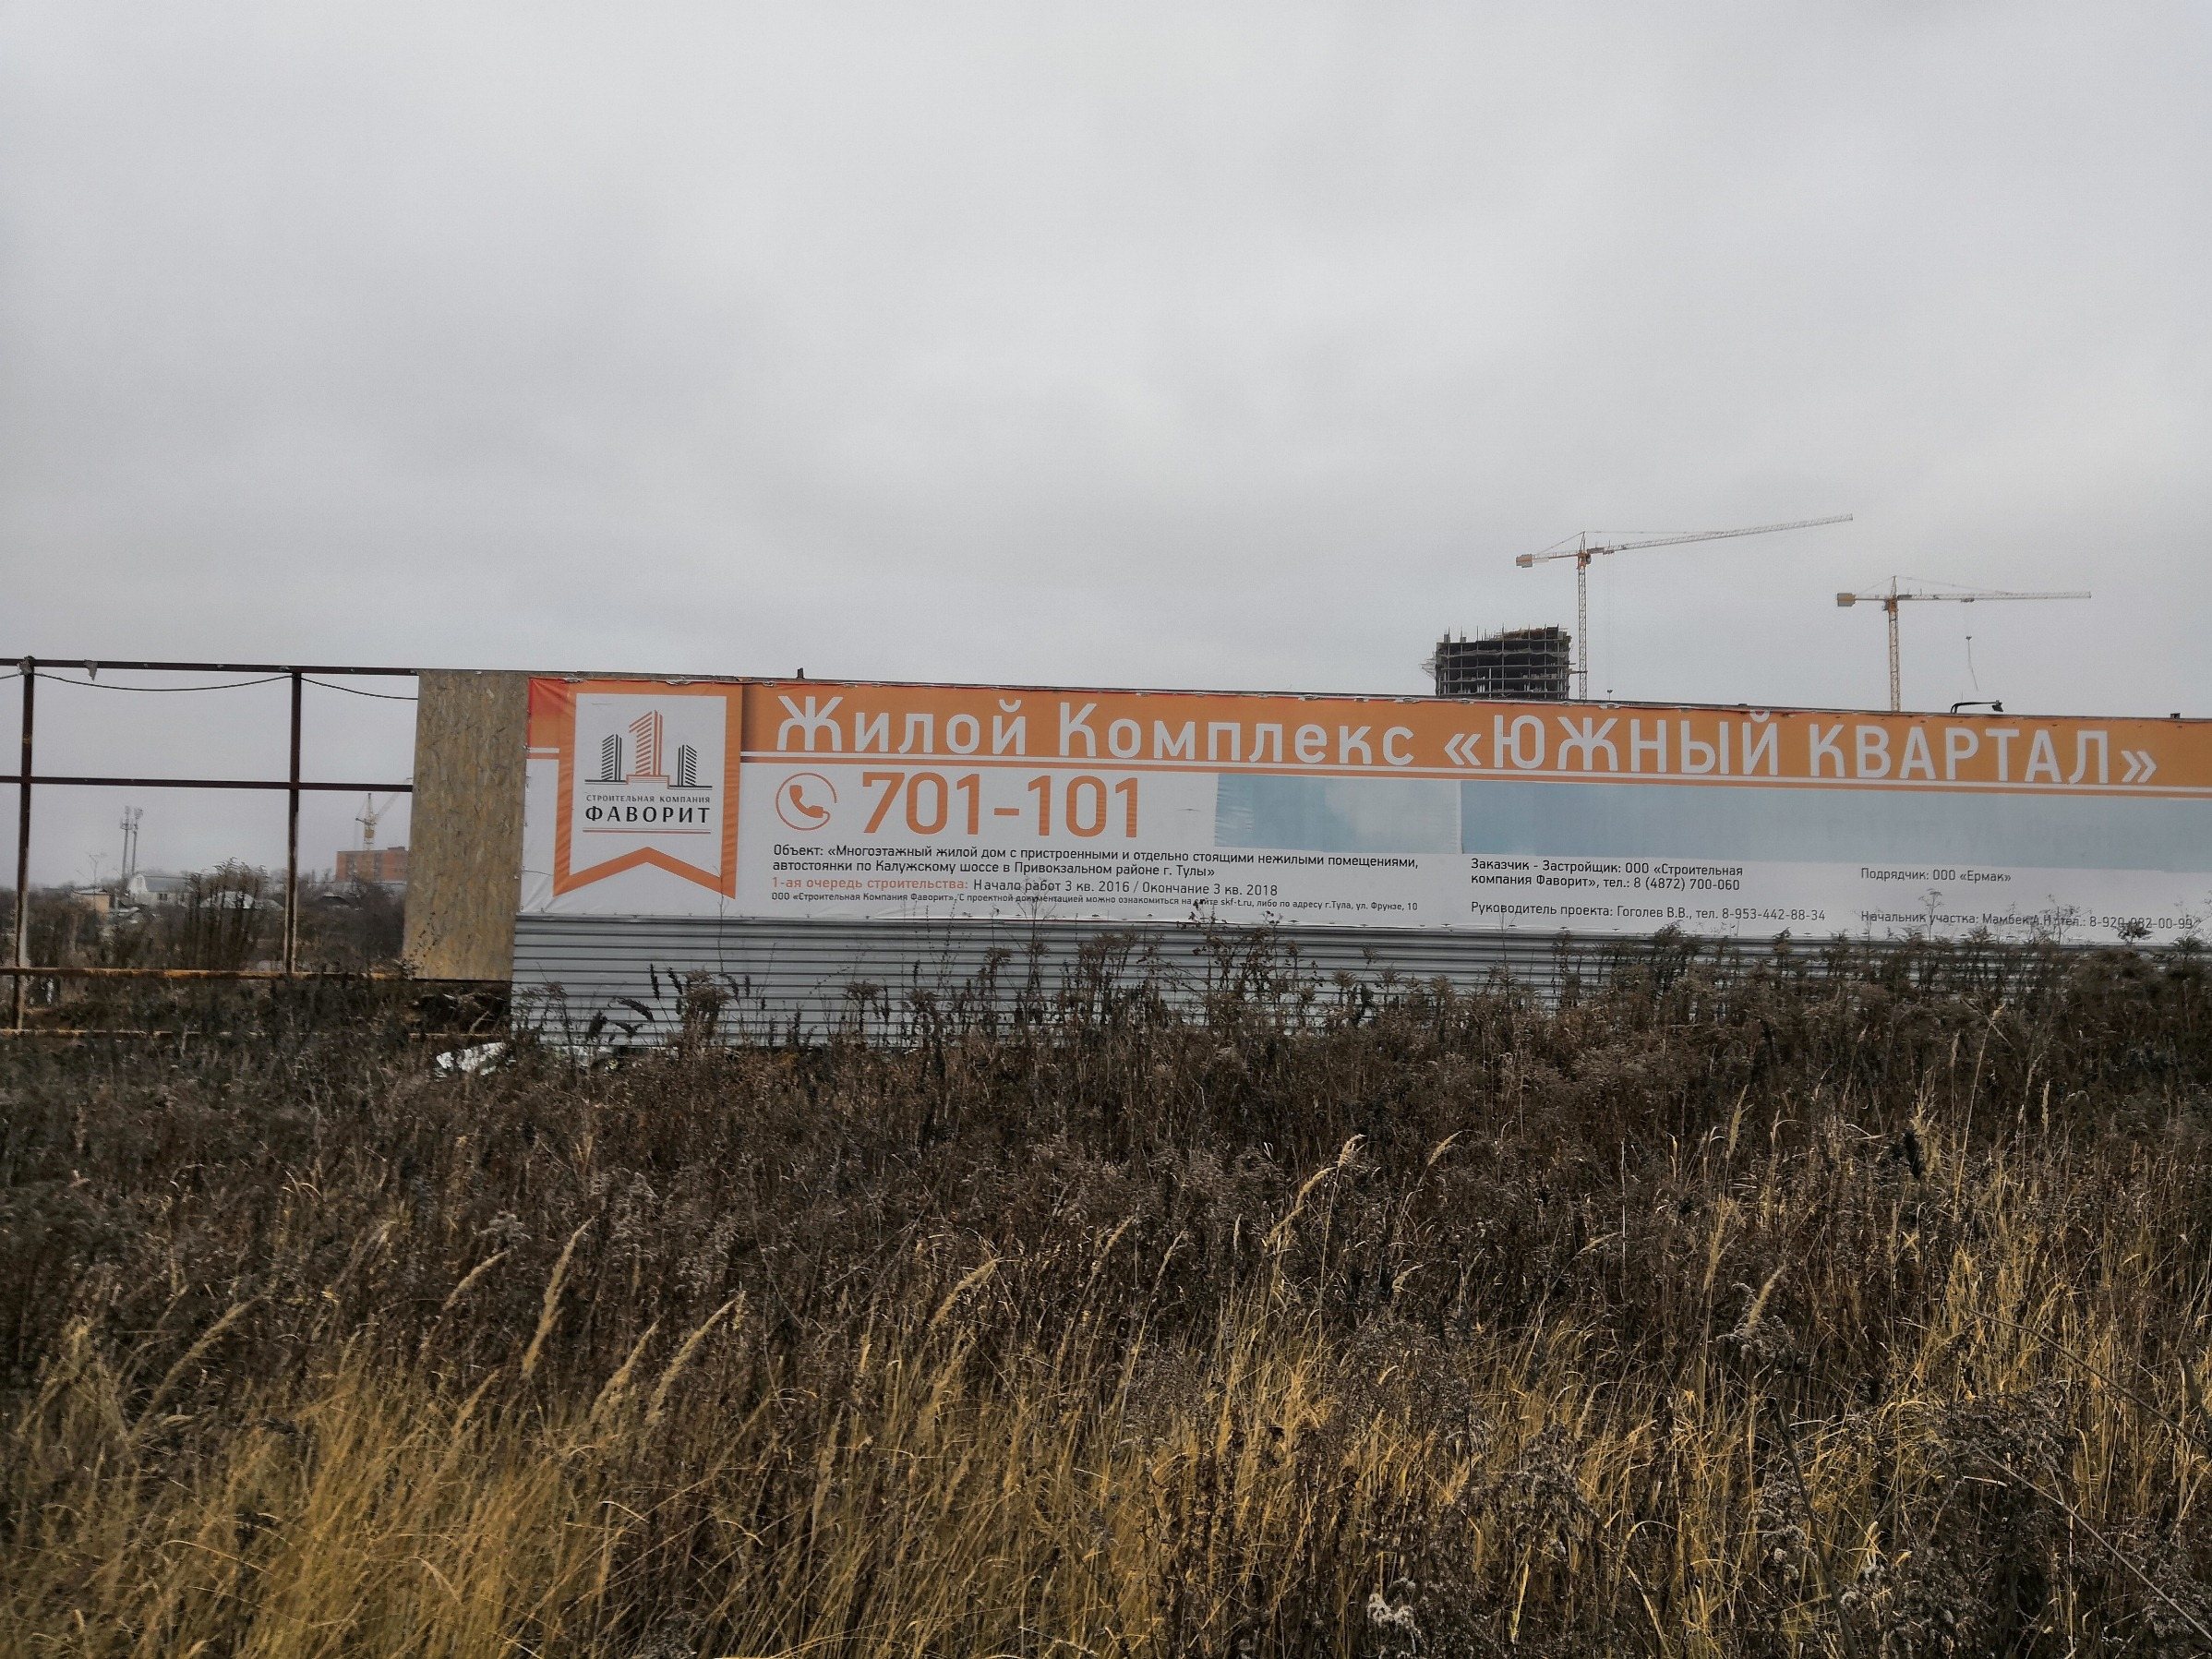 Фотографии домов ЖК Южный квартал по Калужскому шоссе г..Тула. ООО СК Фаворит